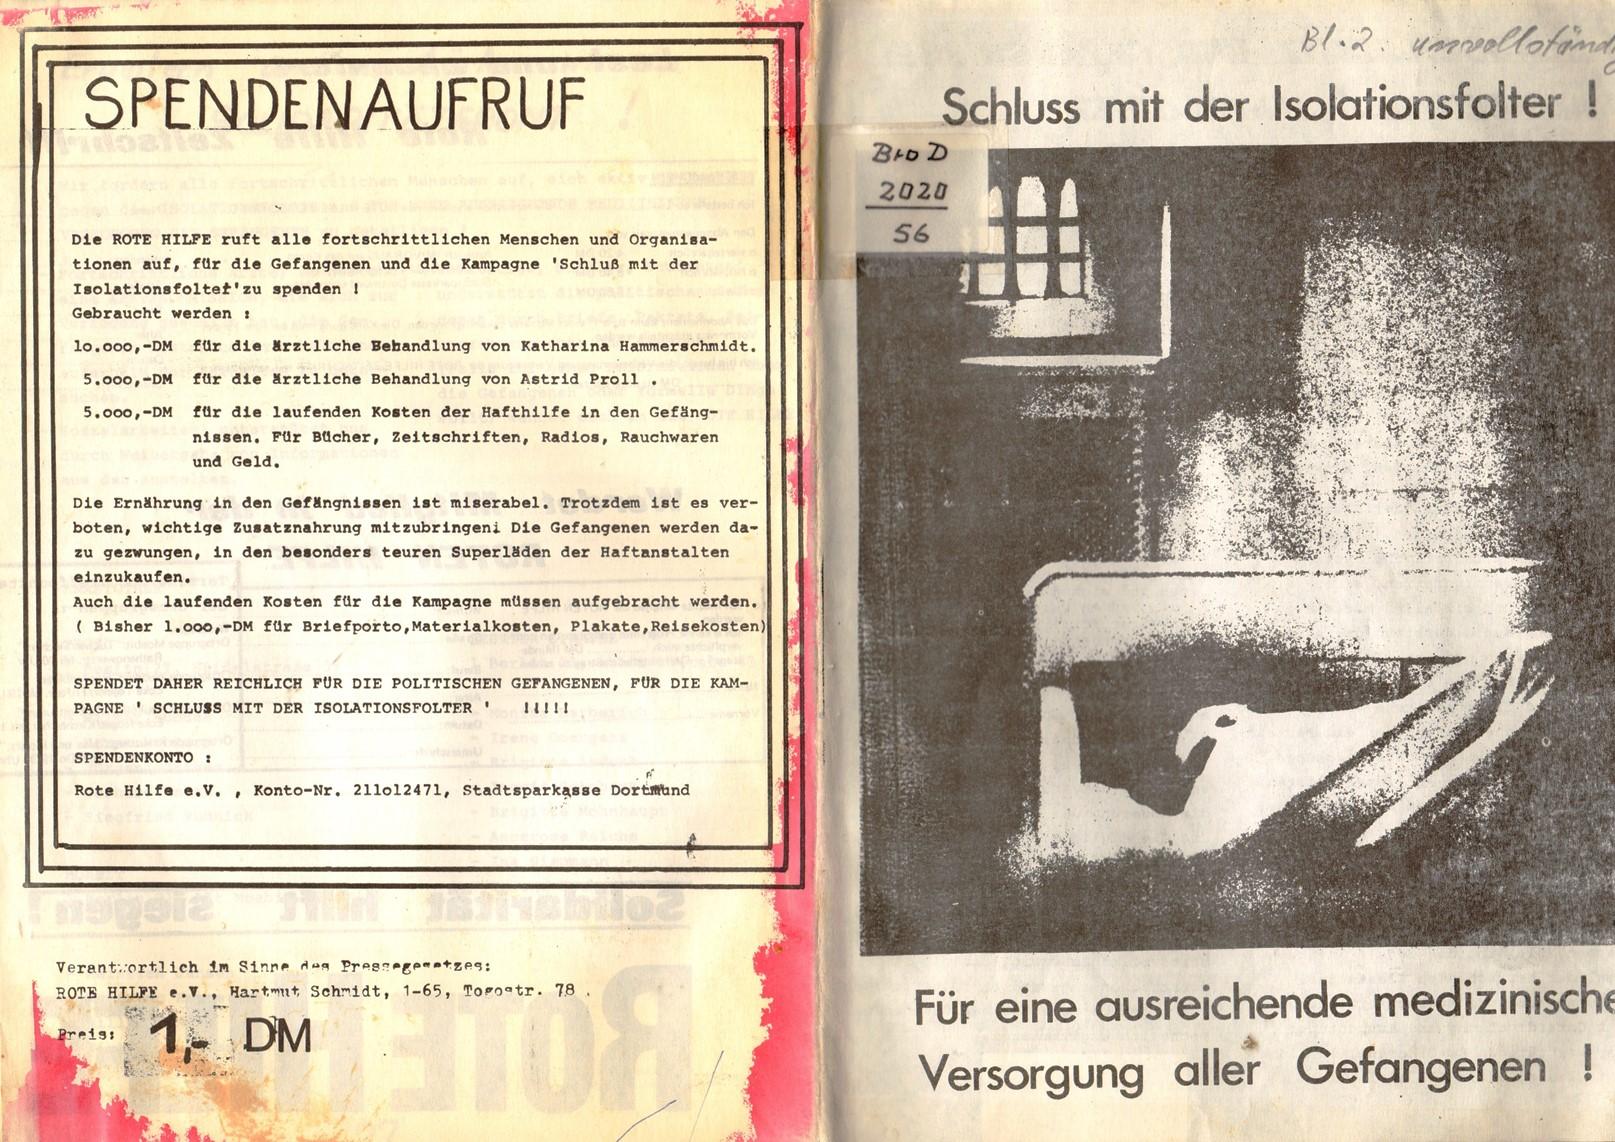 Berlin_RHeV_1974_Schluss_mit_der_Isolationsfolter_01